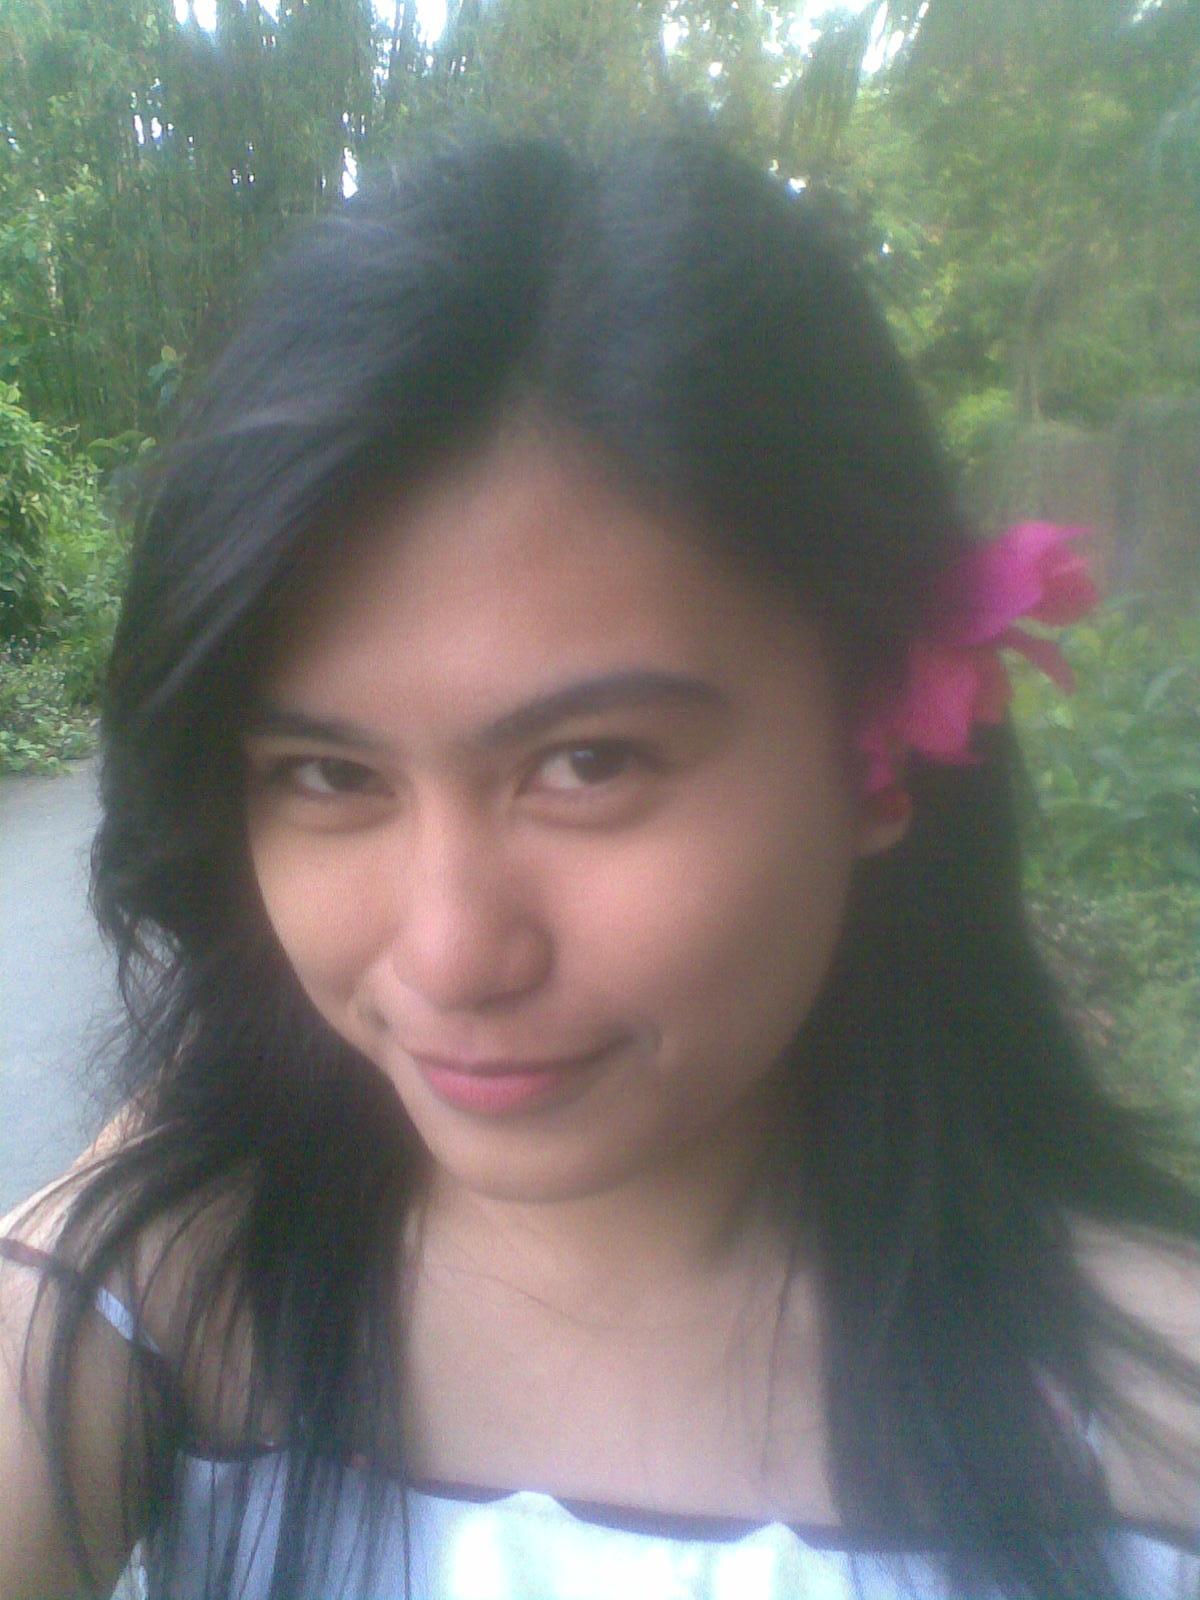 ang aking talambuhay Ang aking talambuhay : by : jimuel regis montoya - duration: 4:37 chokoman ingat 14,025 views  ang talambuhay ni f balagtas .